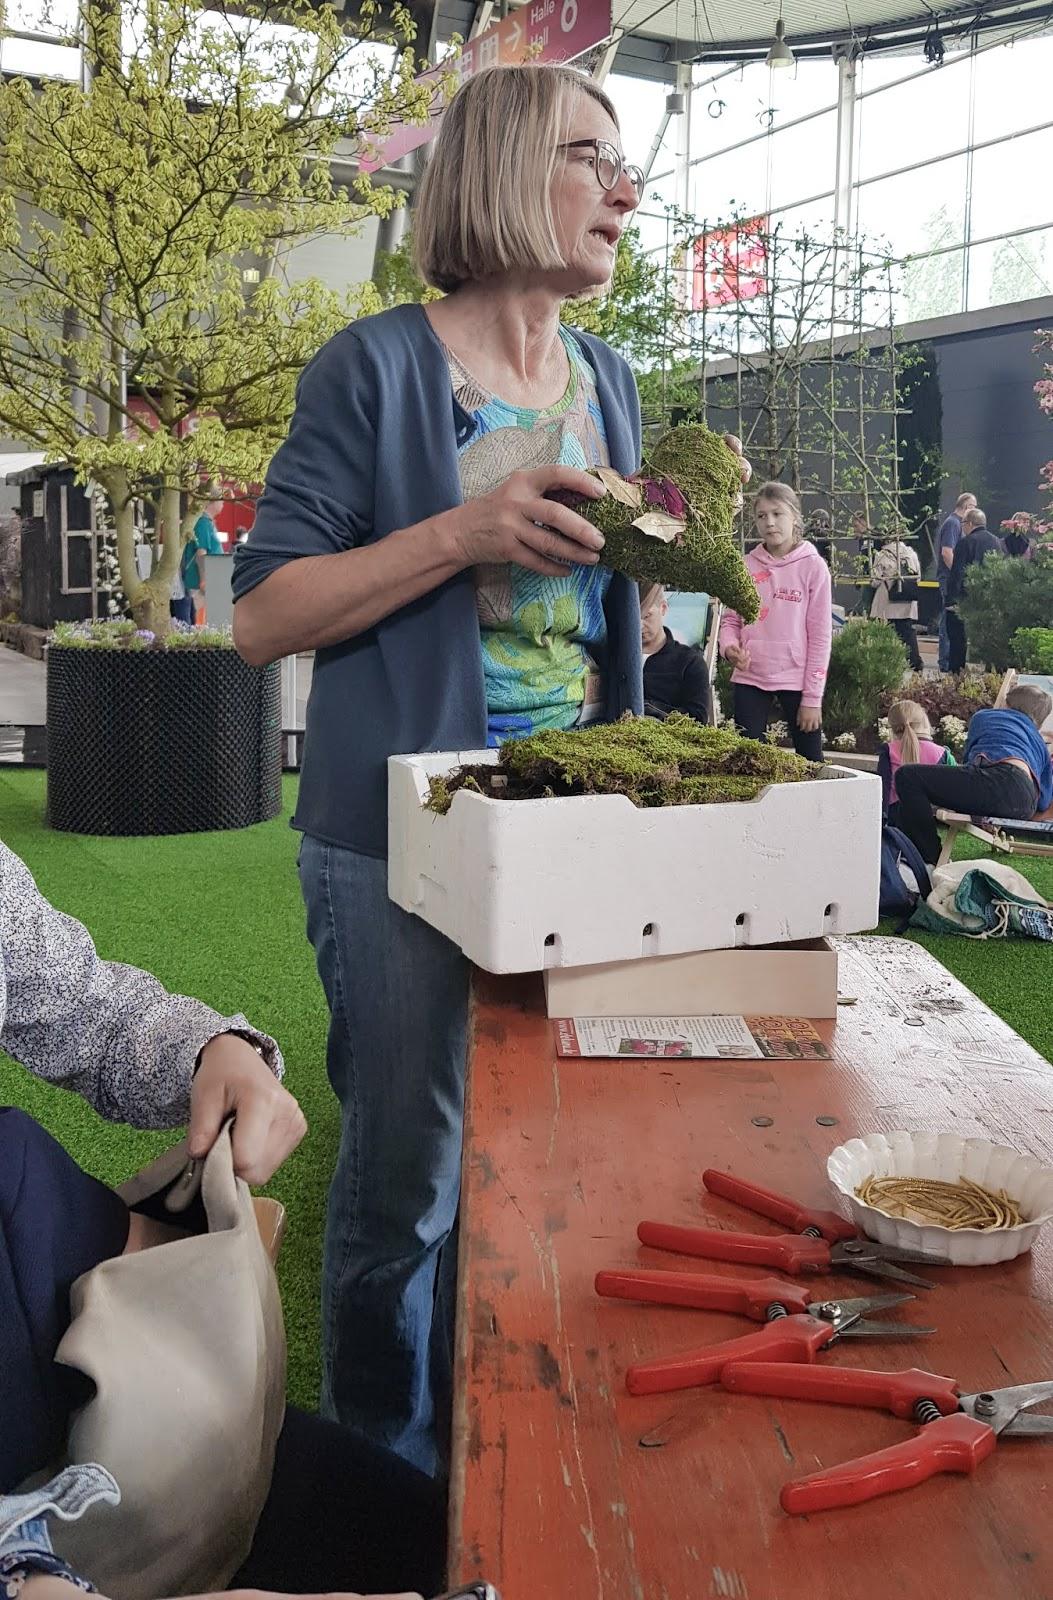 Kreativ Workshop mit Eleonore Schick Gartenmesse Stuttgart DIY Deko mit Moos. Einfach selber machen. Dekoidee aus Heu, Draht, Moos und Blüten Basteln und Kreativsein